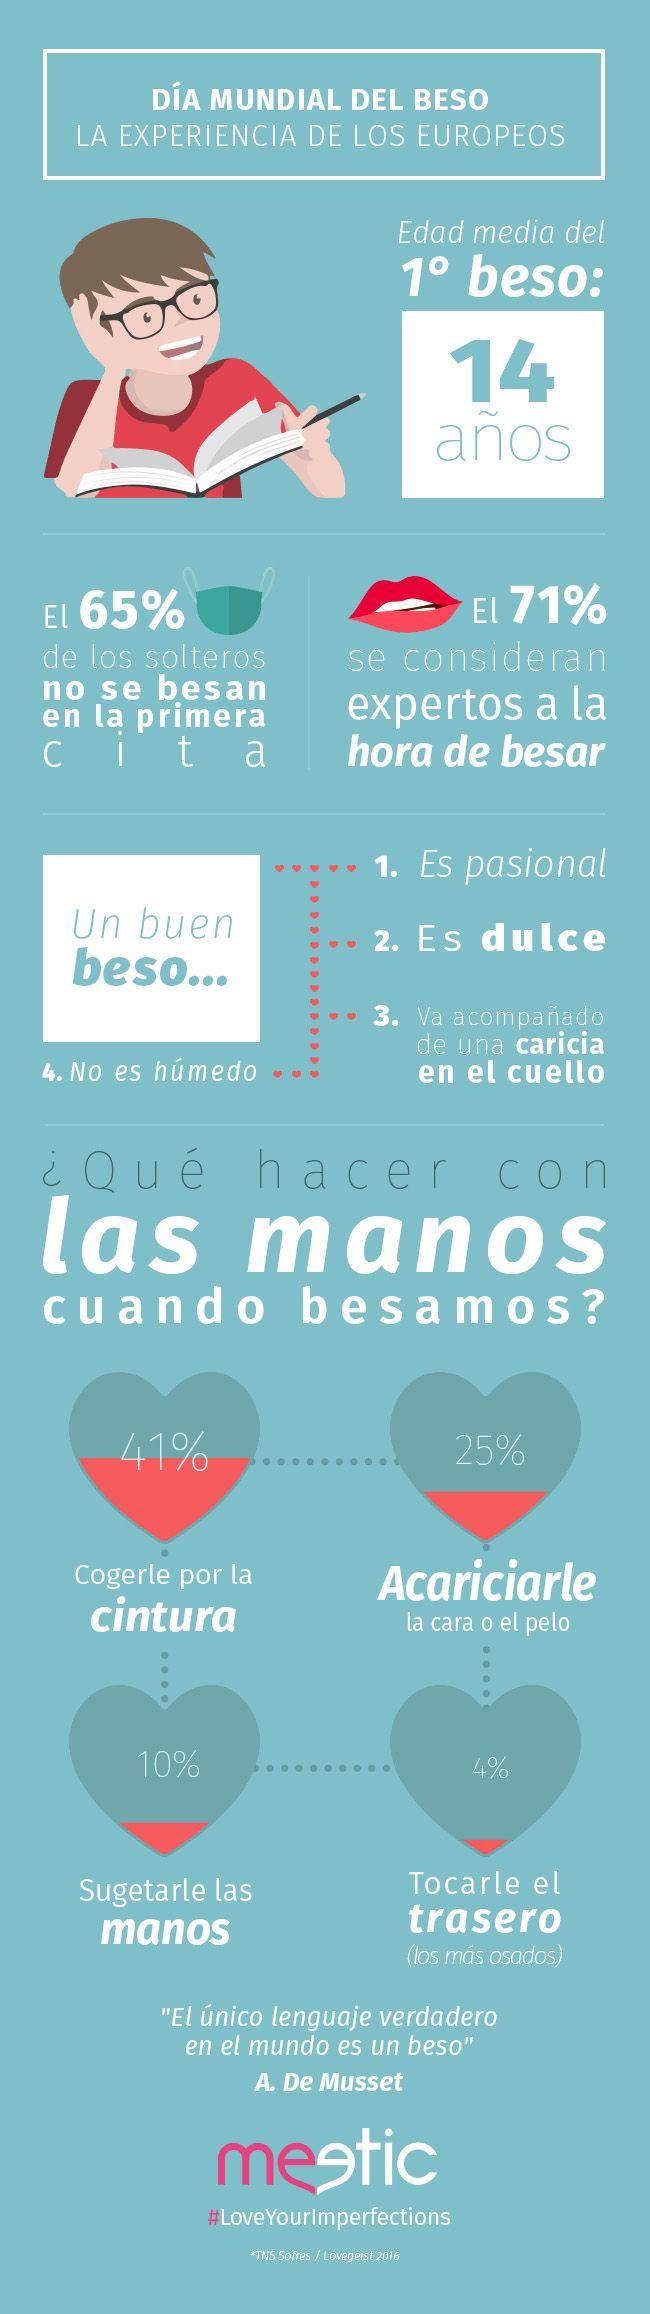 Día mundial del beso robado #diadelbeso #meetic #uptodate ##besos